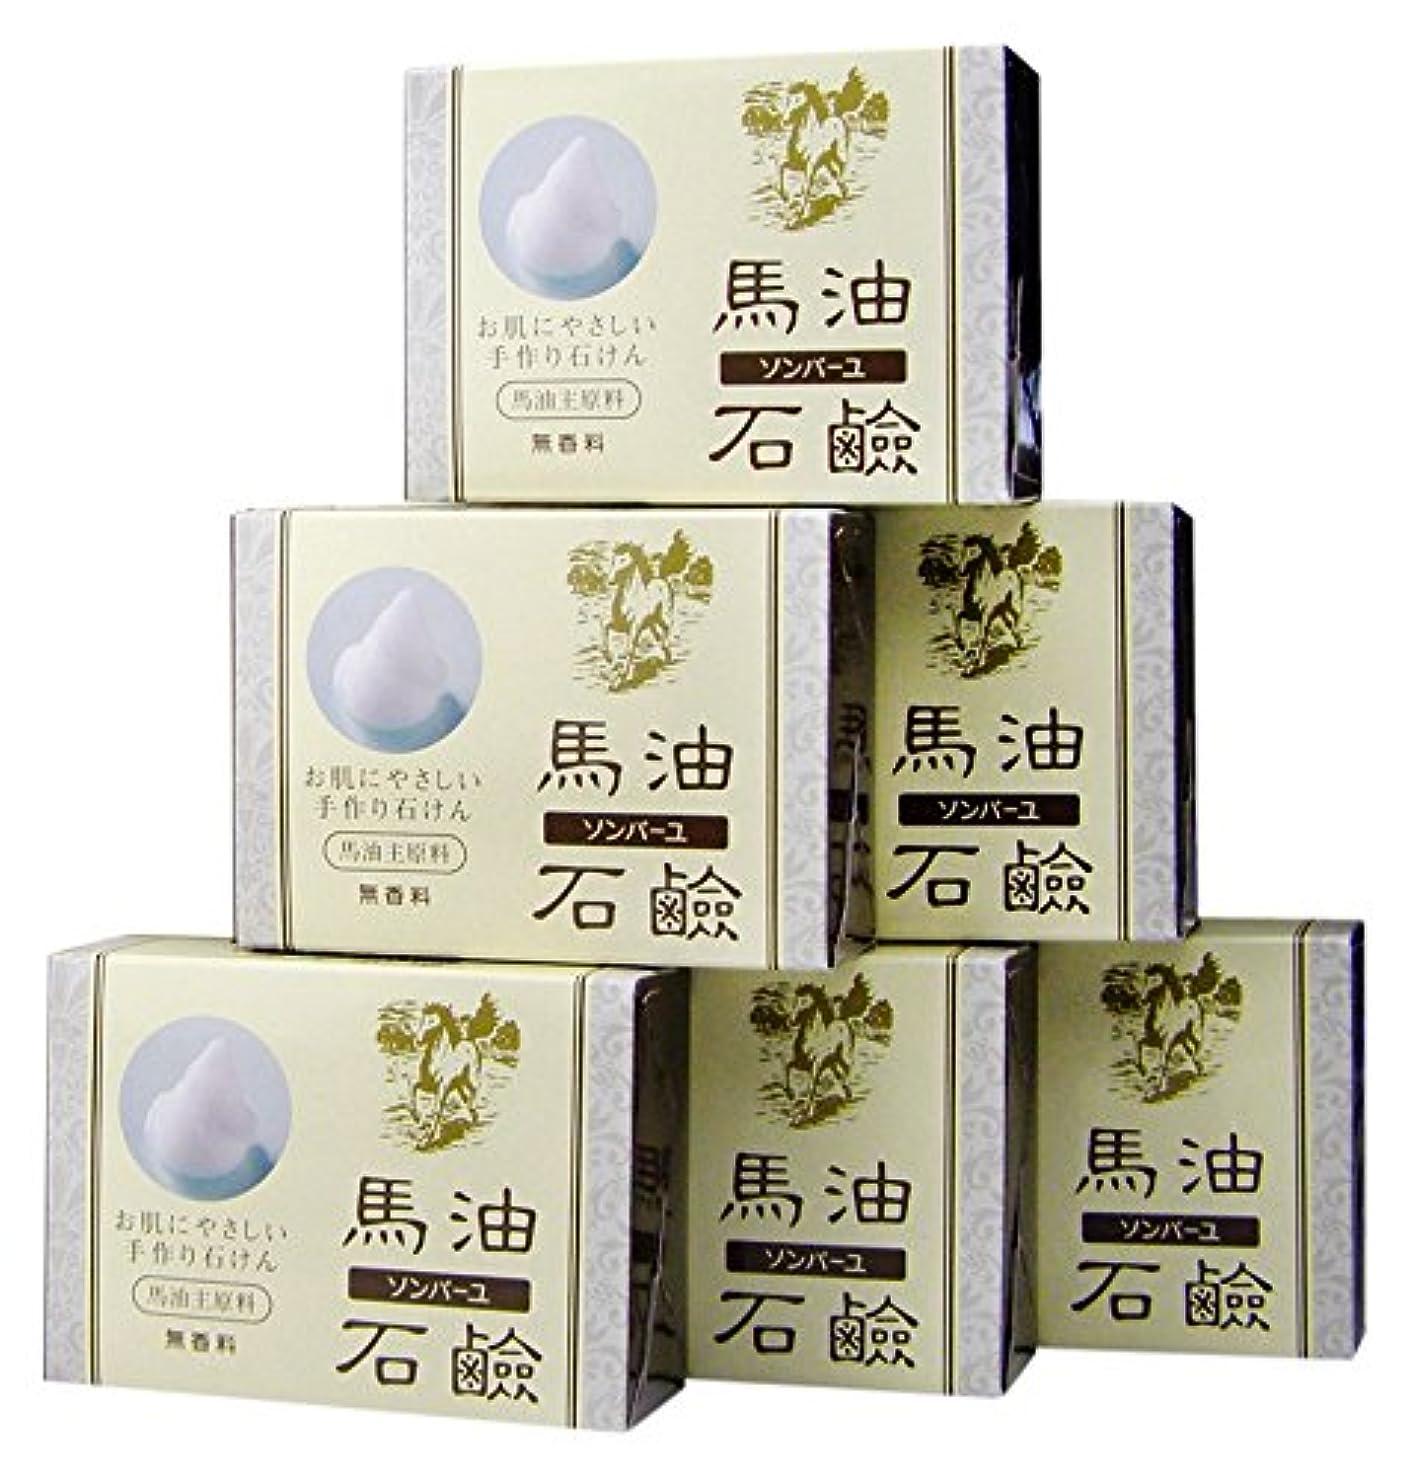 ピカリングテレックスレーニン主義ソンバーユ馬油石鹸(無香料)6個入(85g×6)